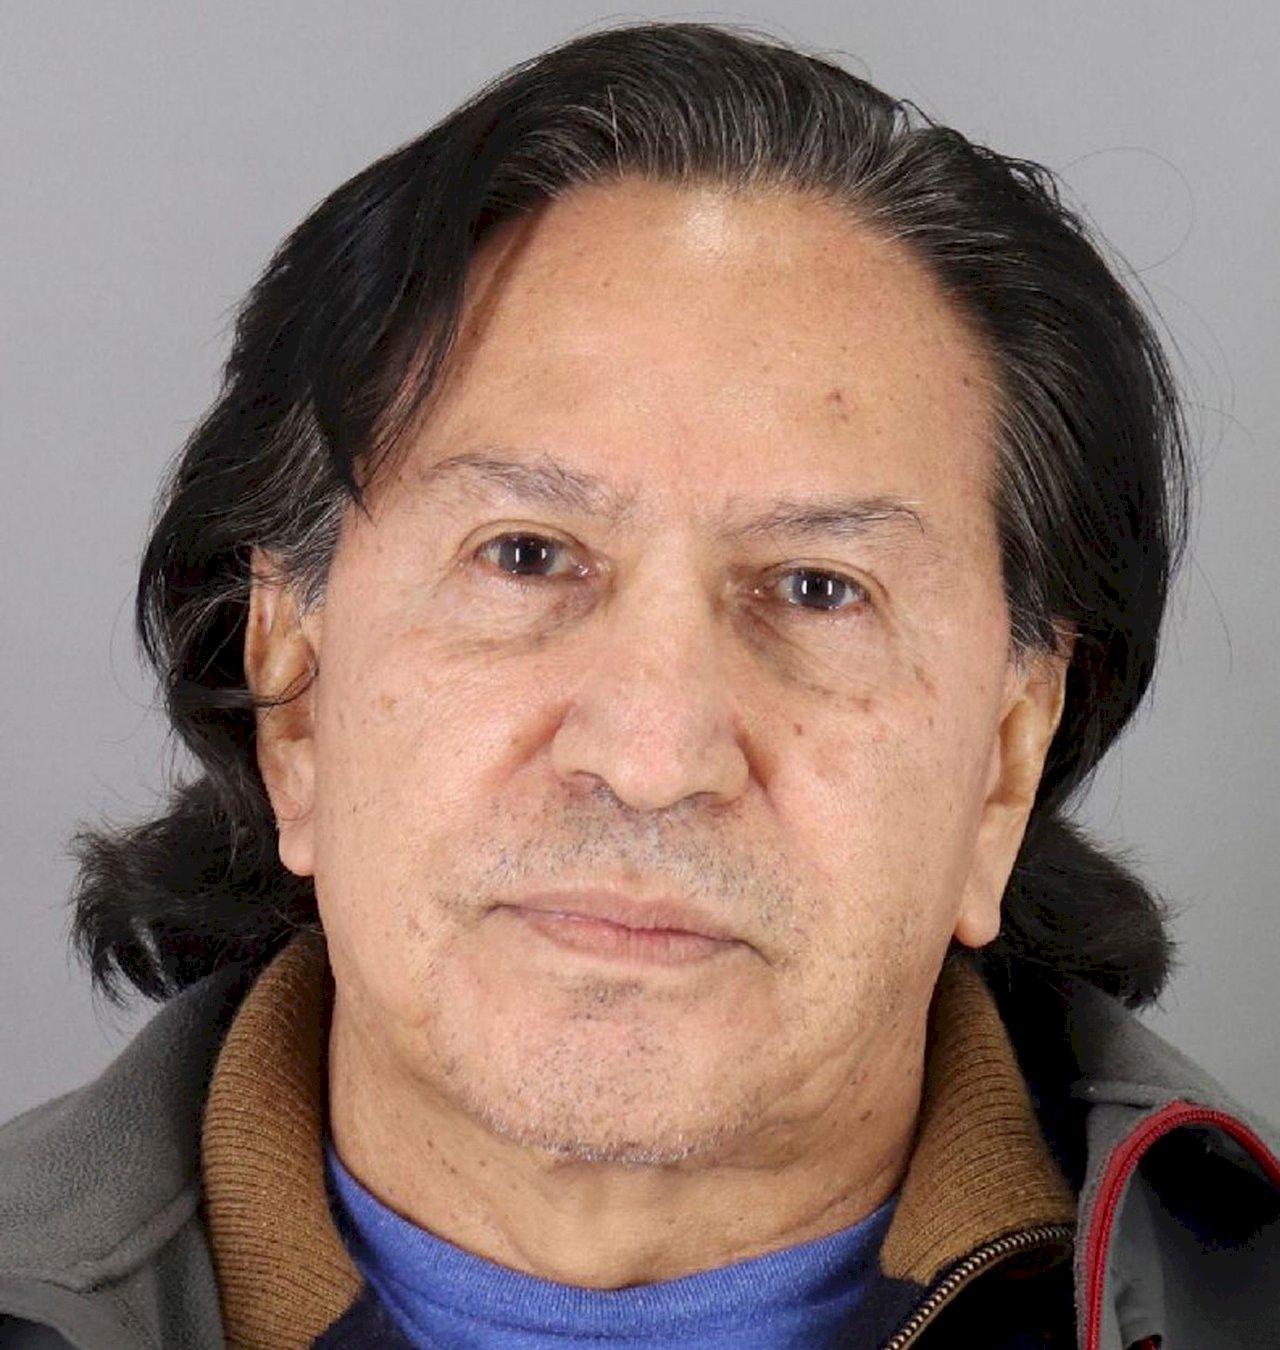 美法院同意引渡 秘魯前總統將回國受貪污審判